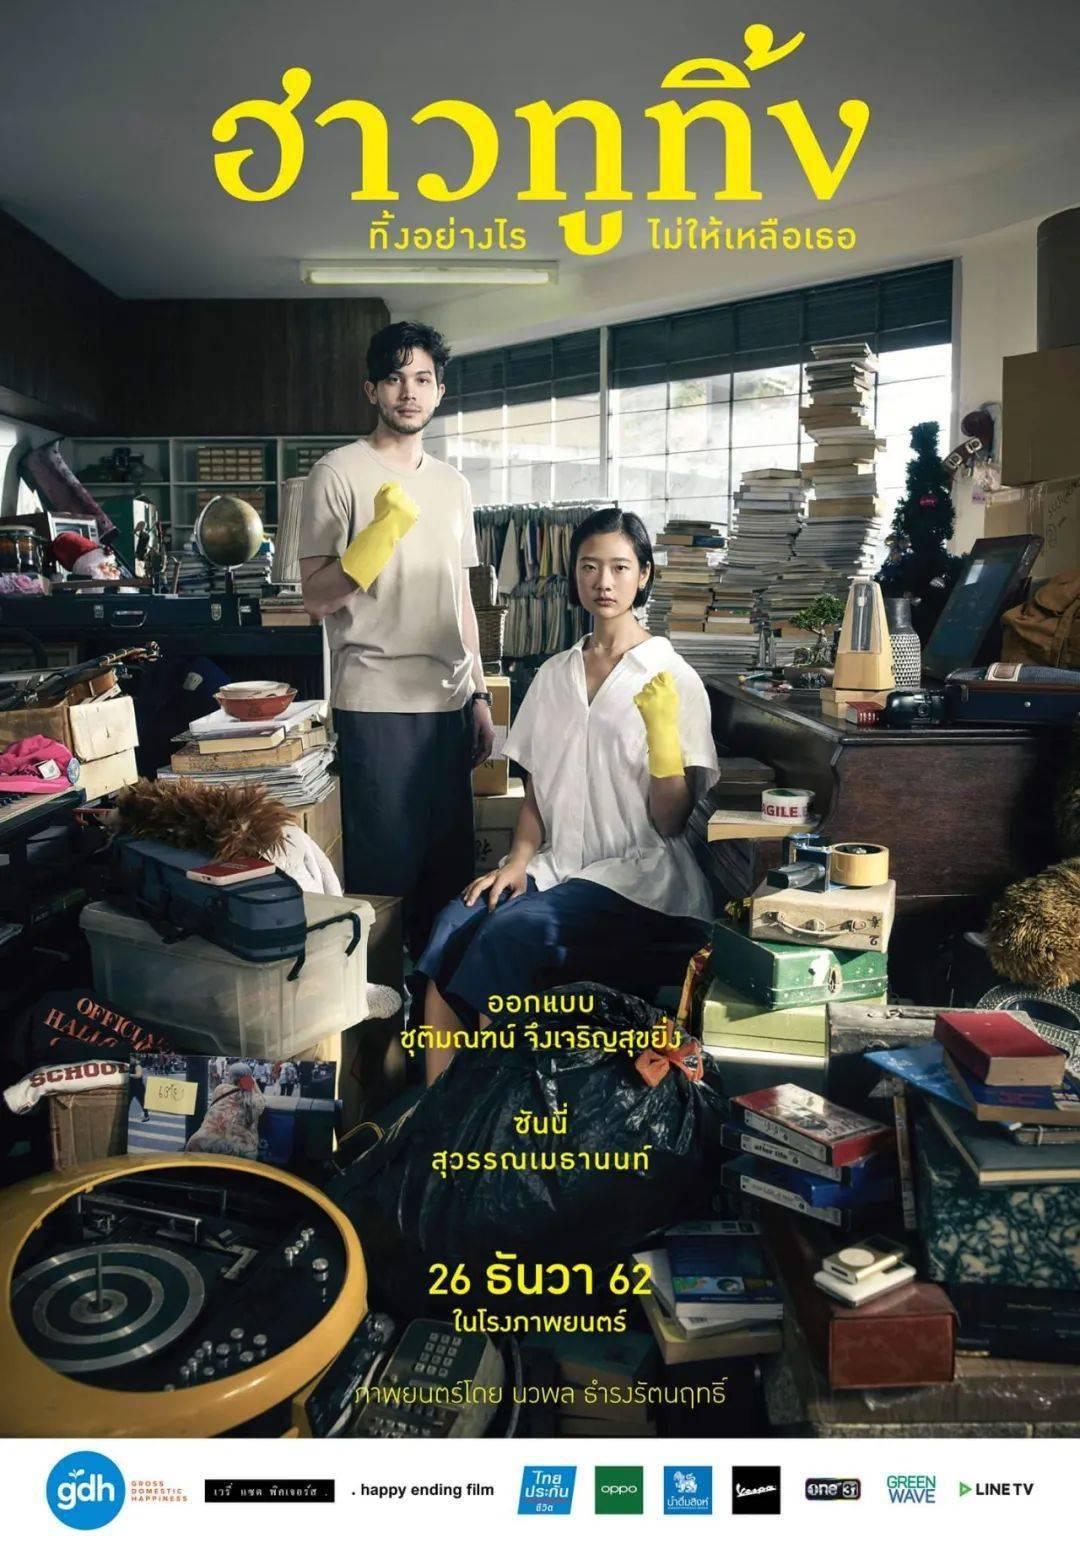 时光机电影泰国